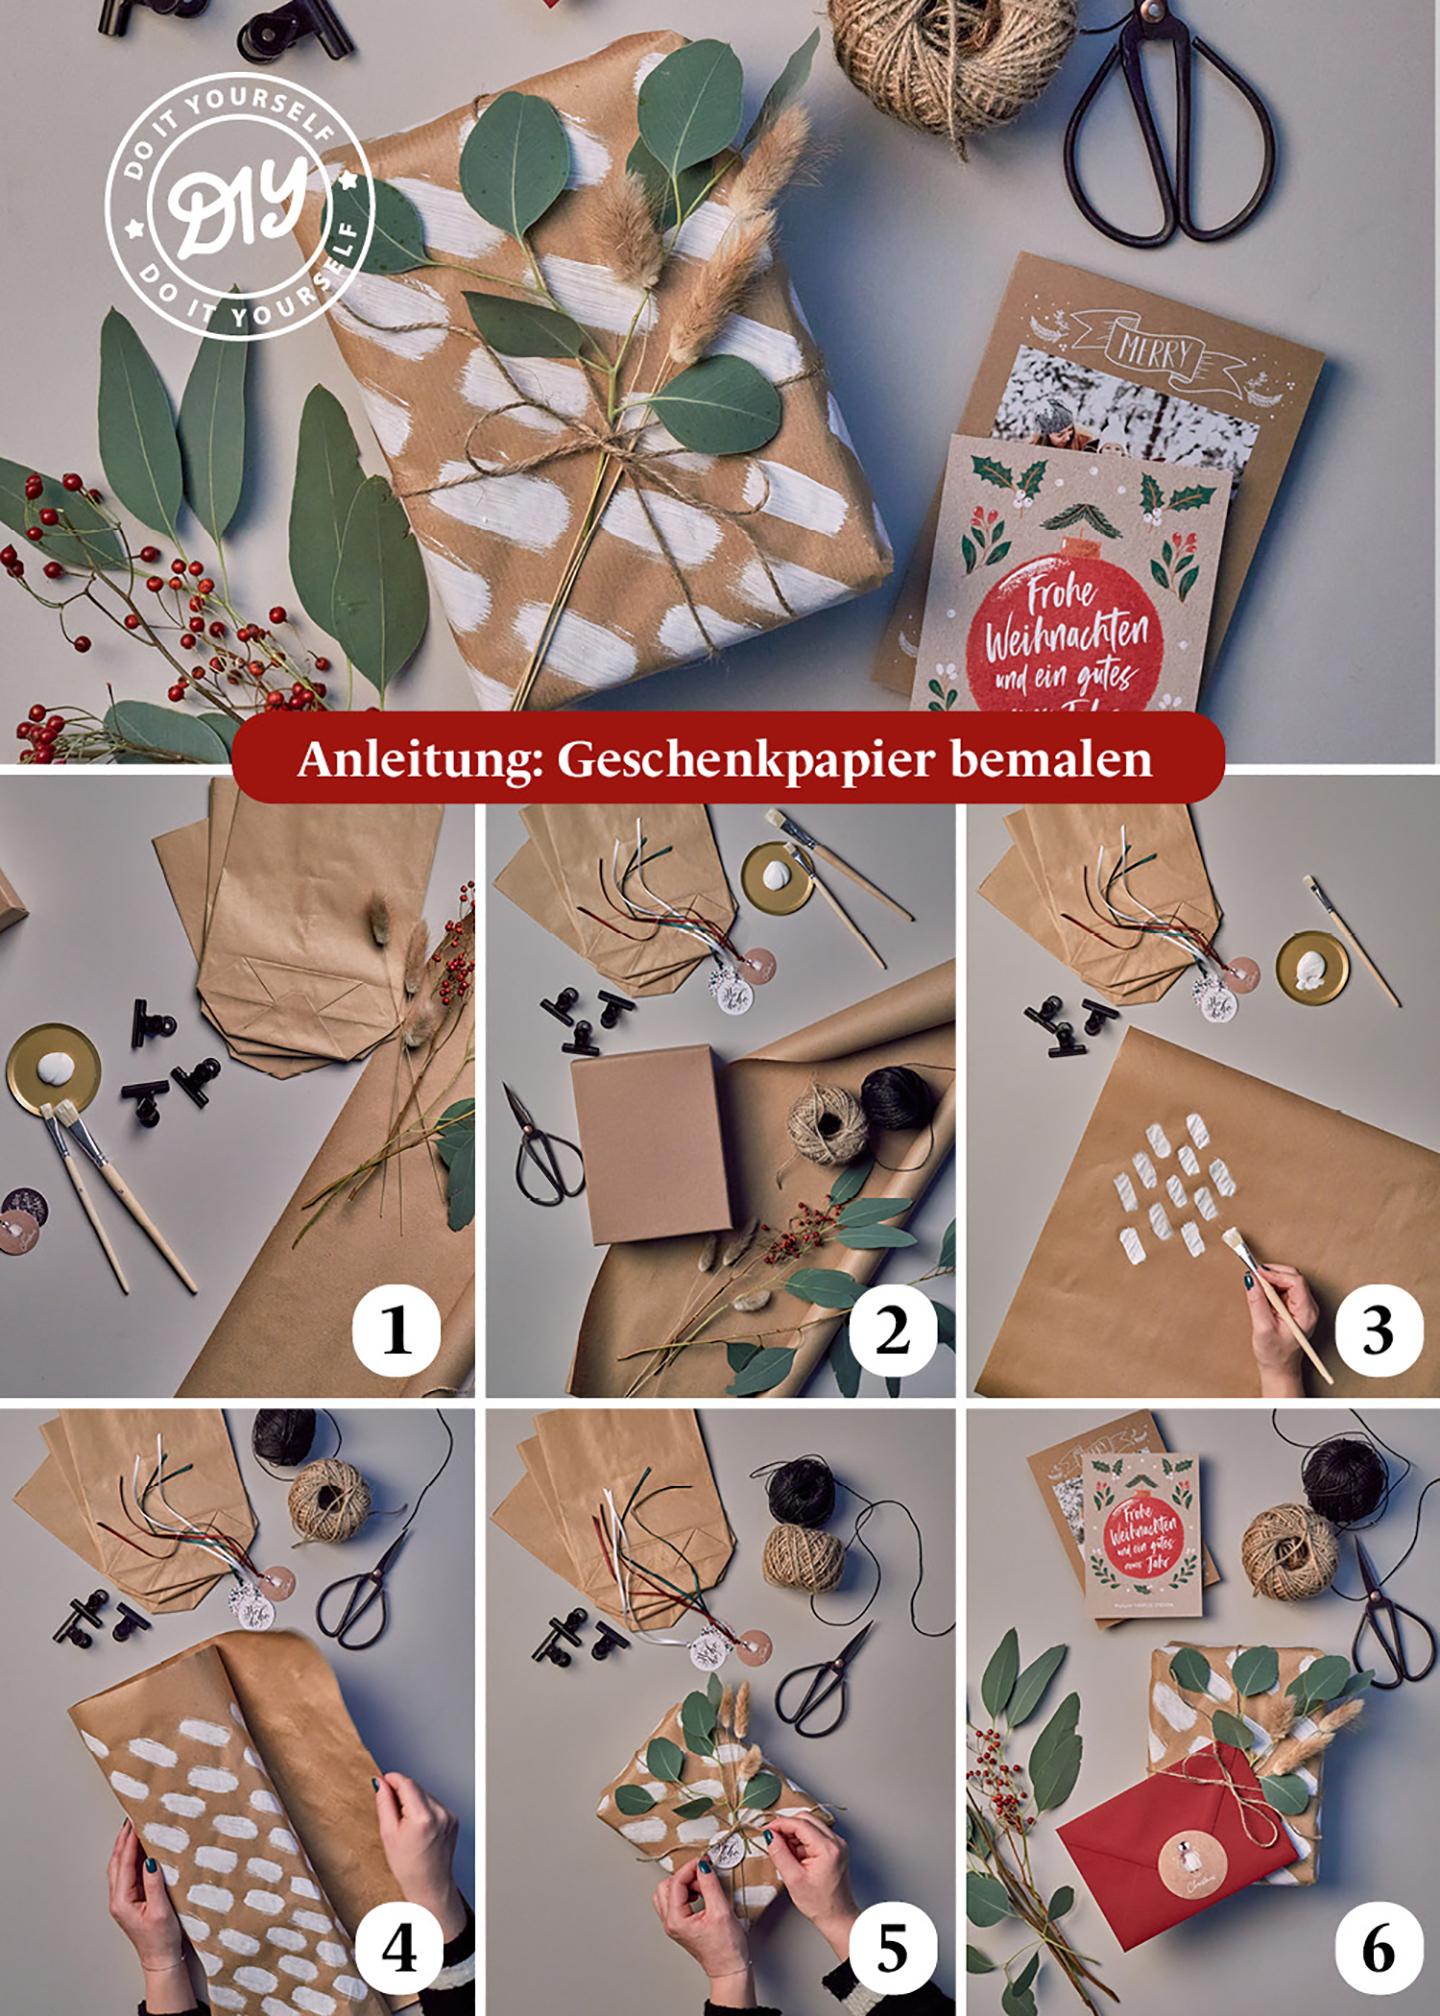 Schritt für Schritt Anleitung für eure Geschenkverpackungen zum selber basteln & bemalen. Es wird erklärt, wie Geschenkpapier  verschönert werden kann.